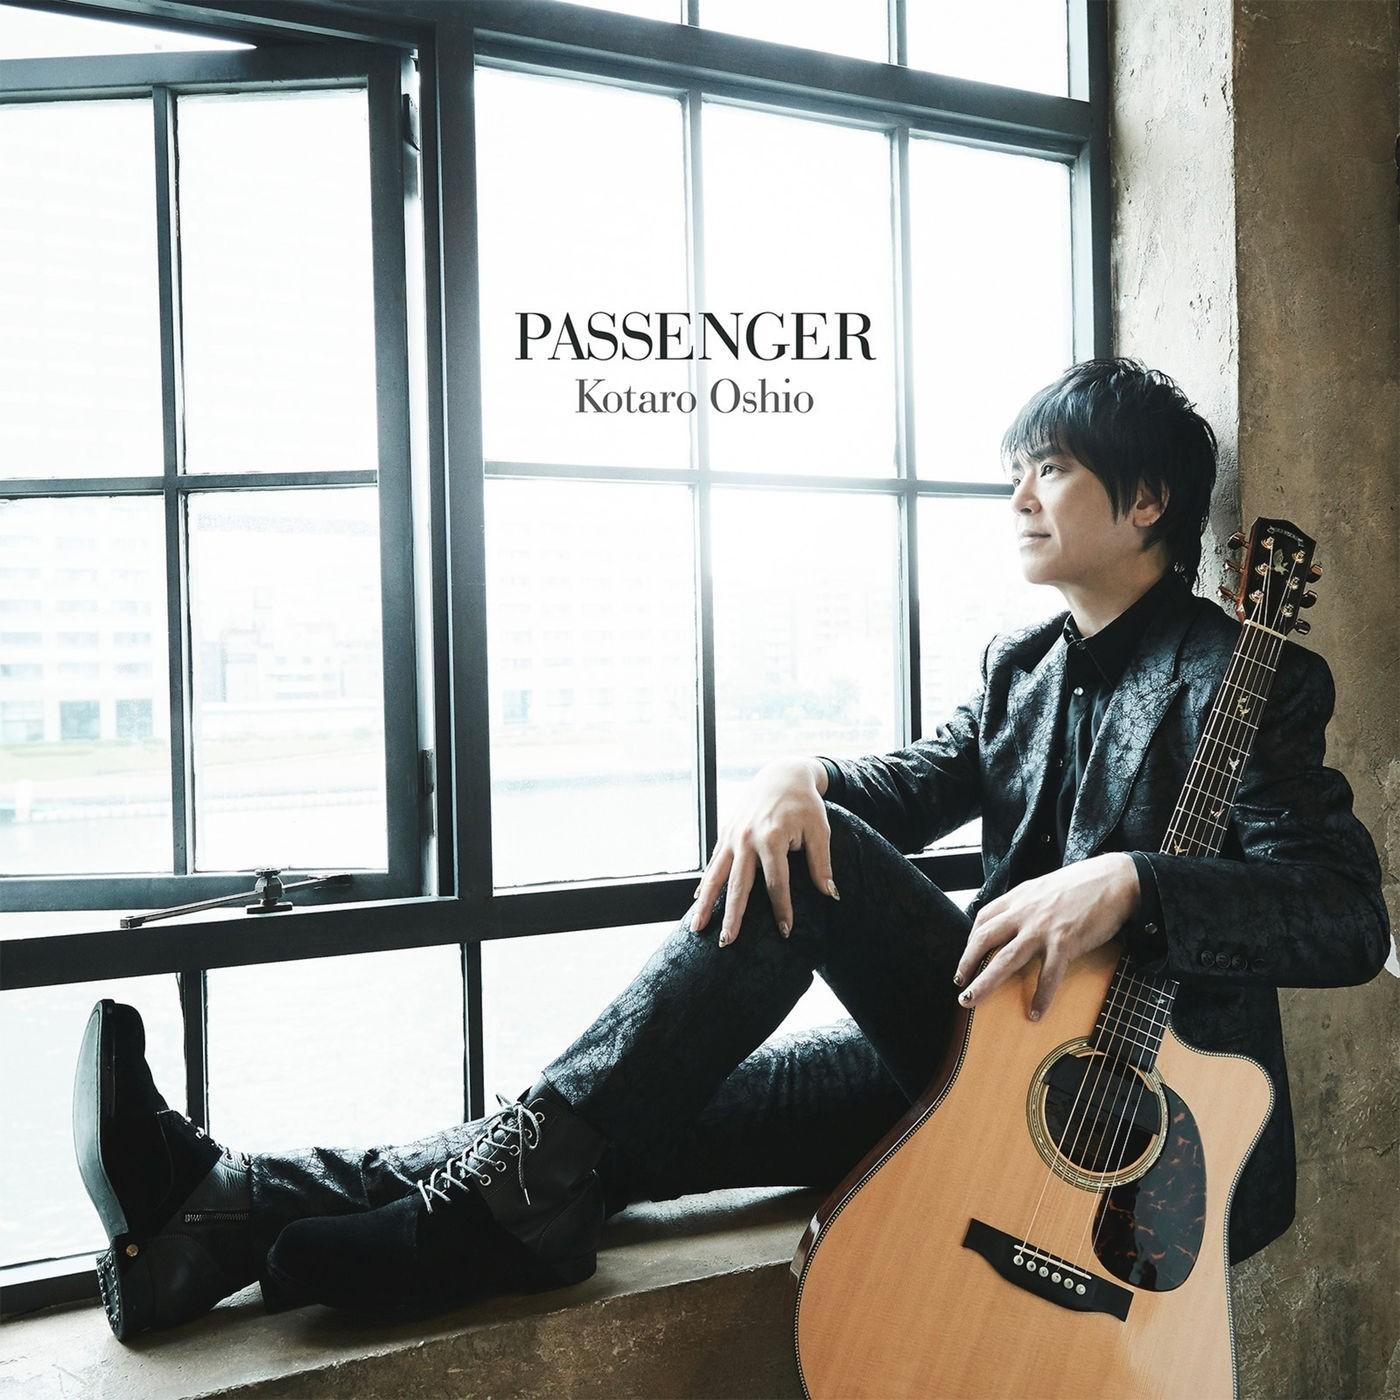 押尾コータロー (Kotaro Oshio) – PASSENGER [FLAC / 24bit Lossless / WEB] [2020.09.30]